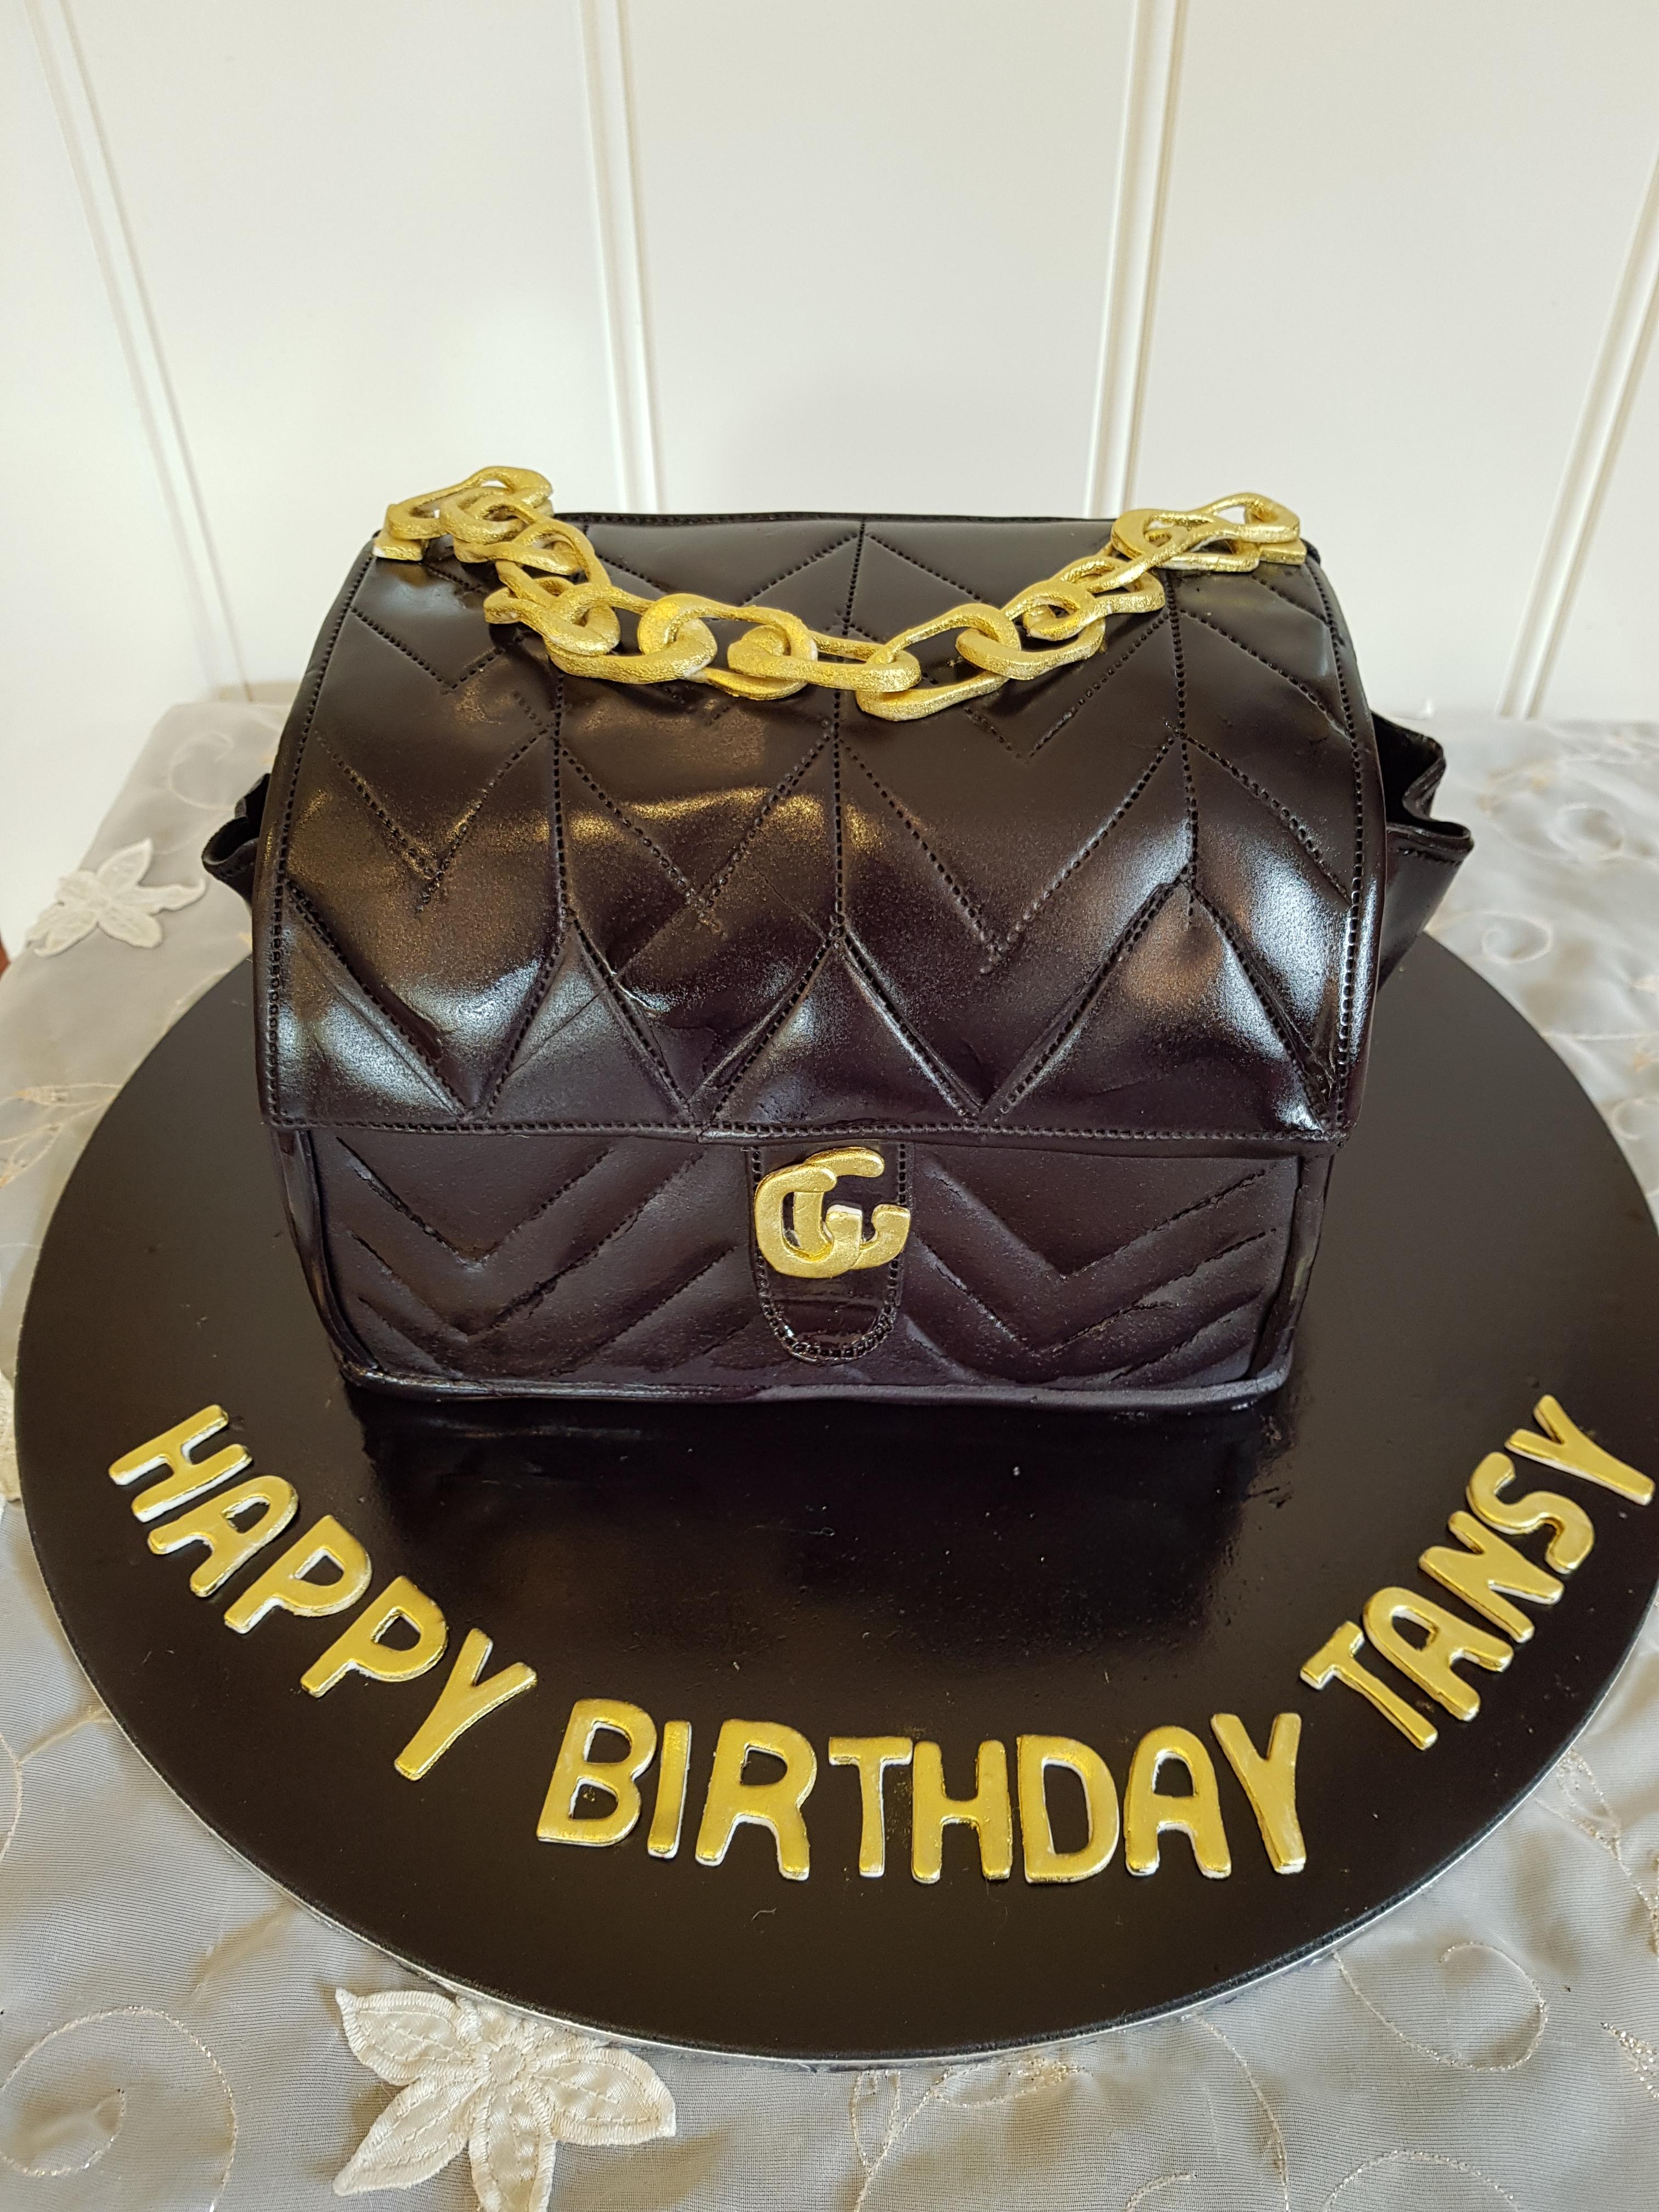 Gucci Soho handbag cake from $350